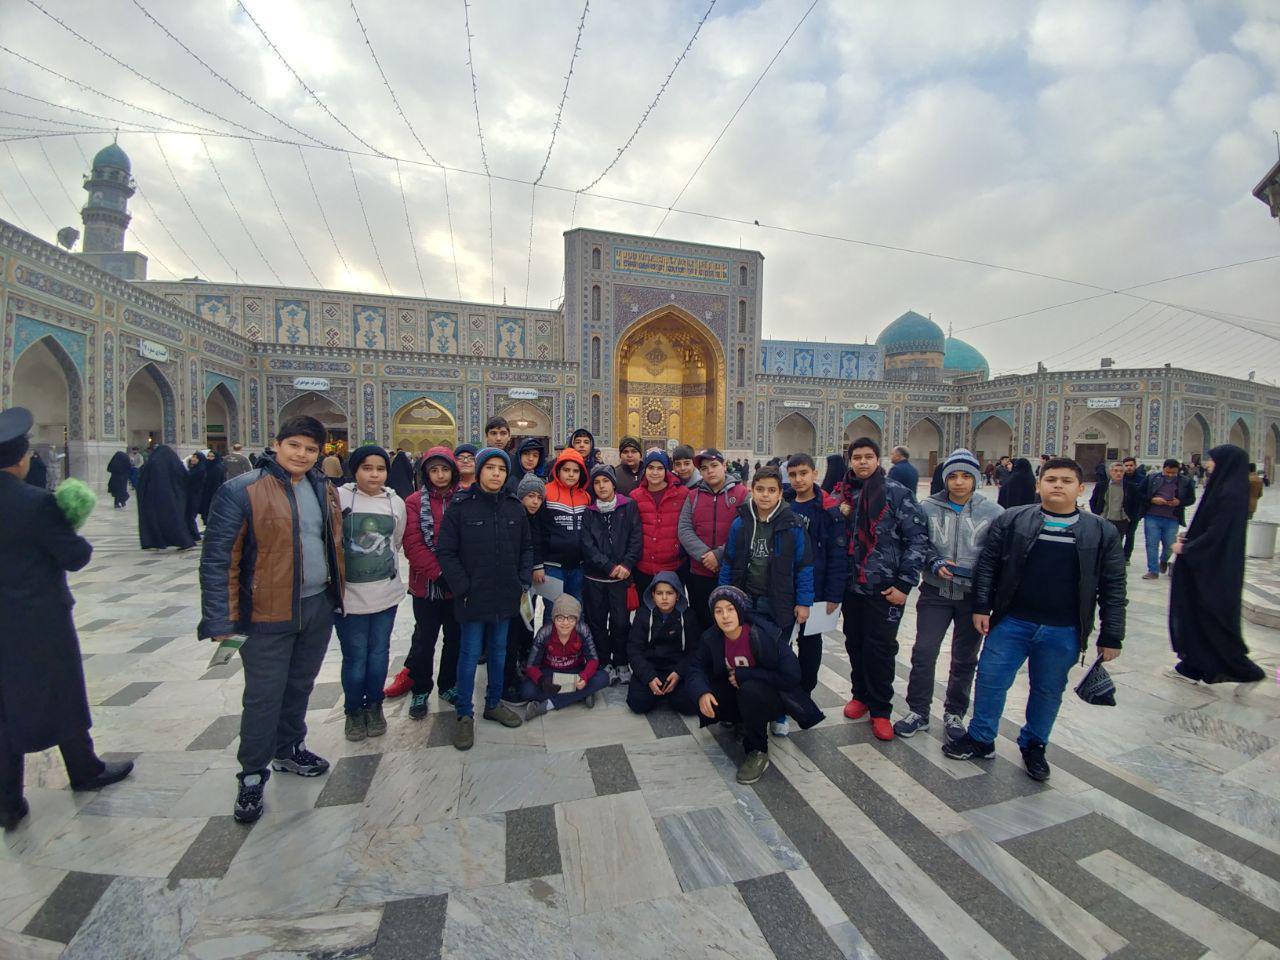 تصاویر مربوط به اردوی مشهد مقدس پایه هفتم